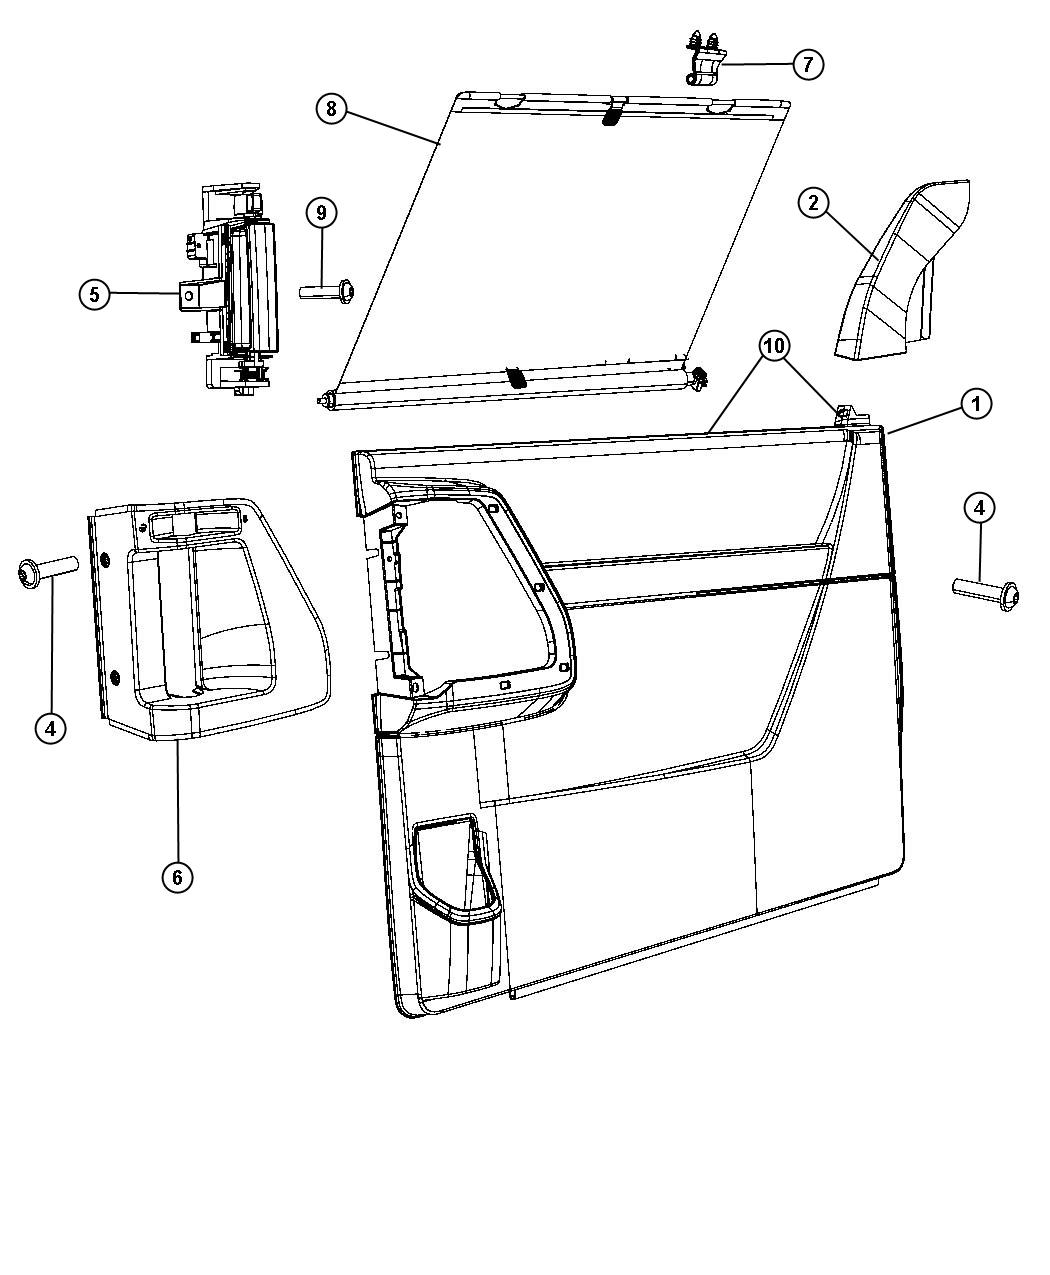 How To Remove Sliding Door Panel On Dodge Caravan: Sliding Door Parts: August 2017